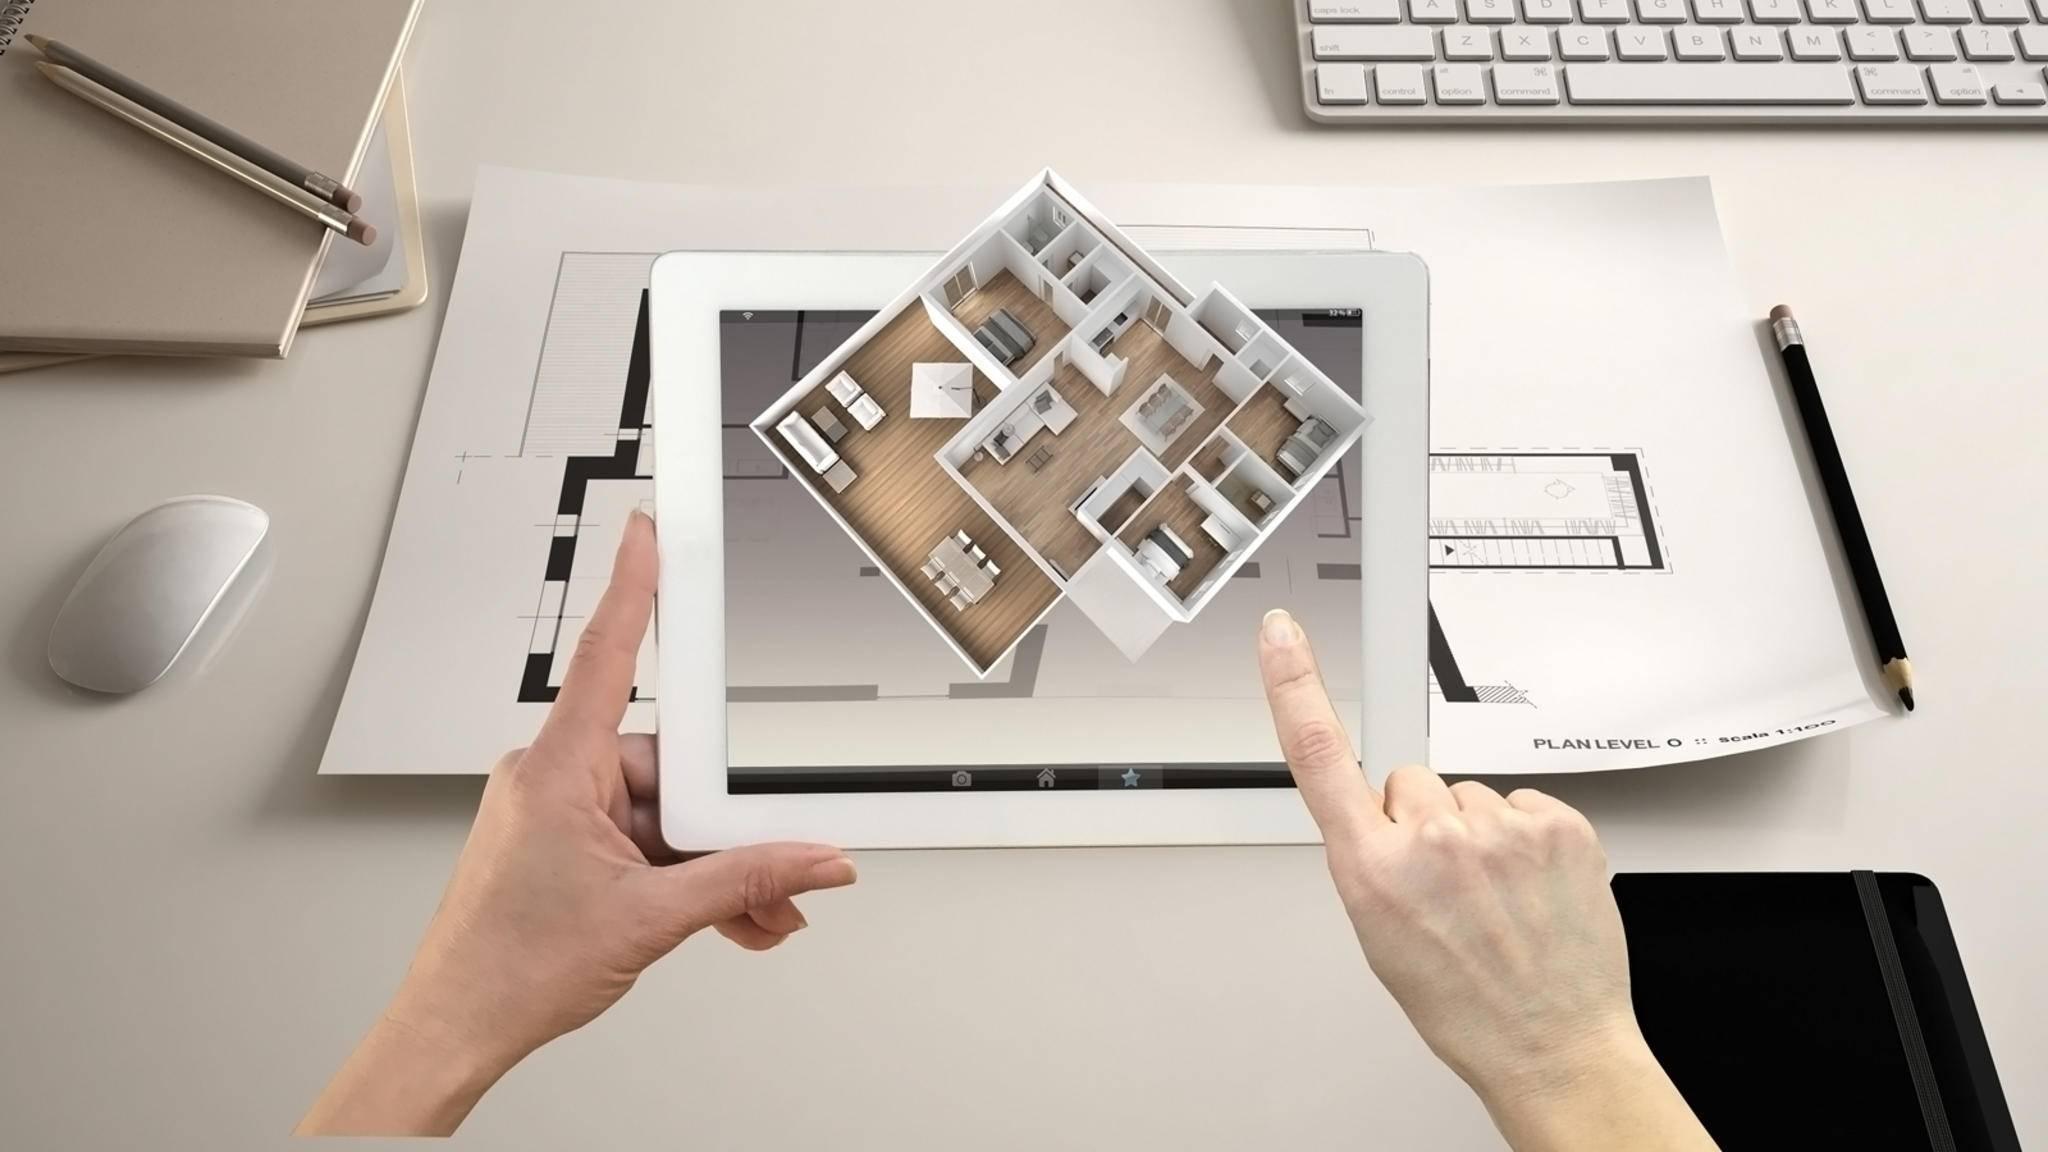 Mit der richtigen Hausbau-App kannst Du Dein künftiges Heim selbst planen.